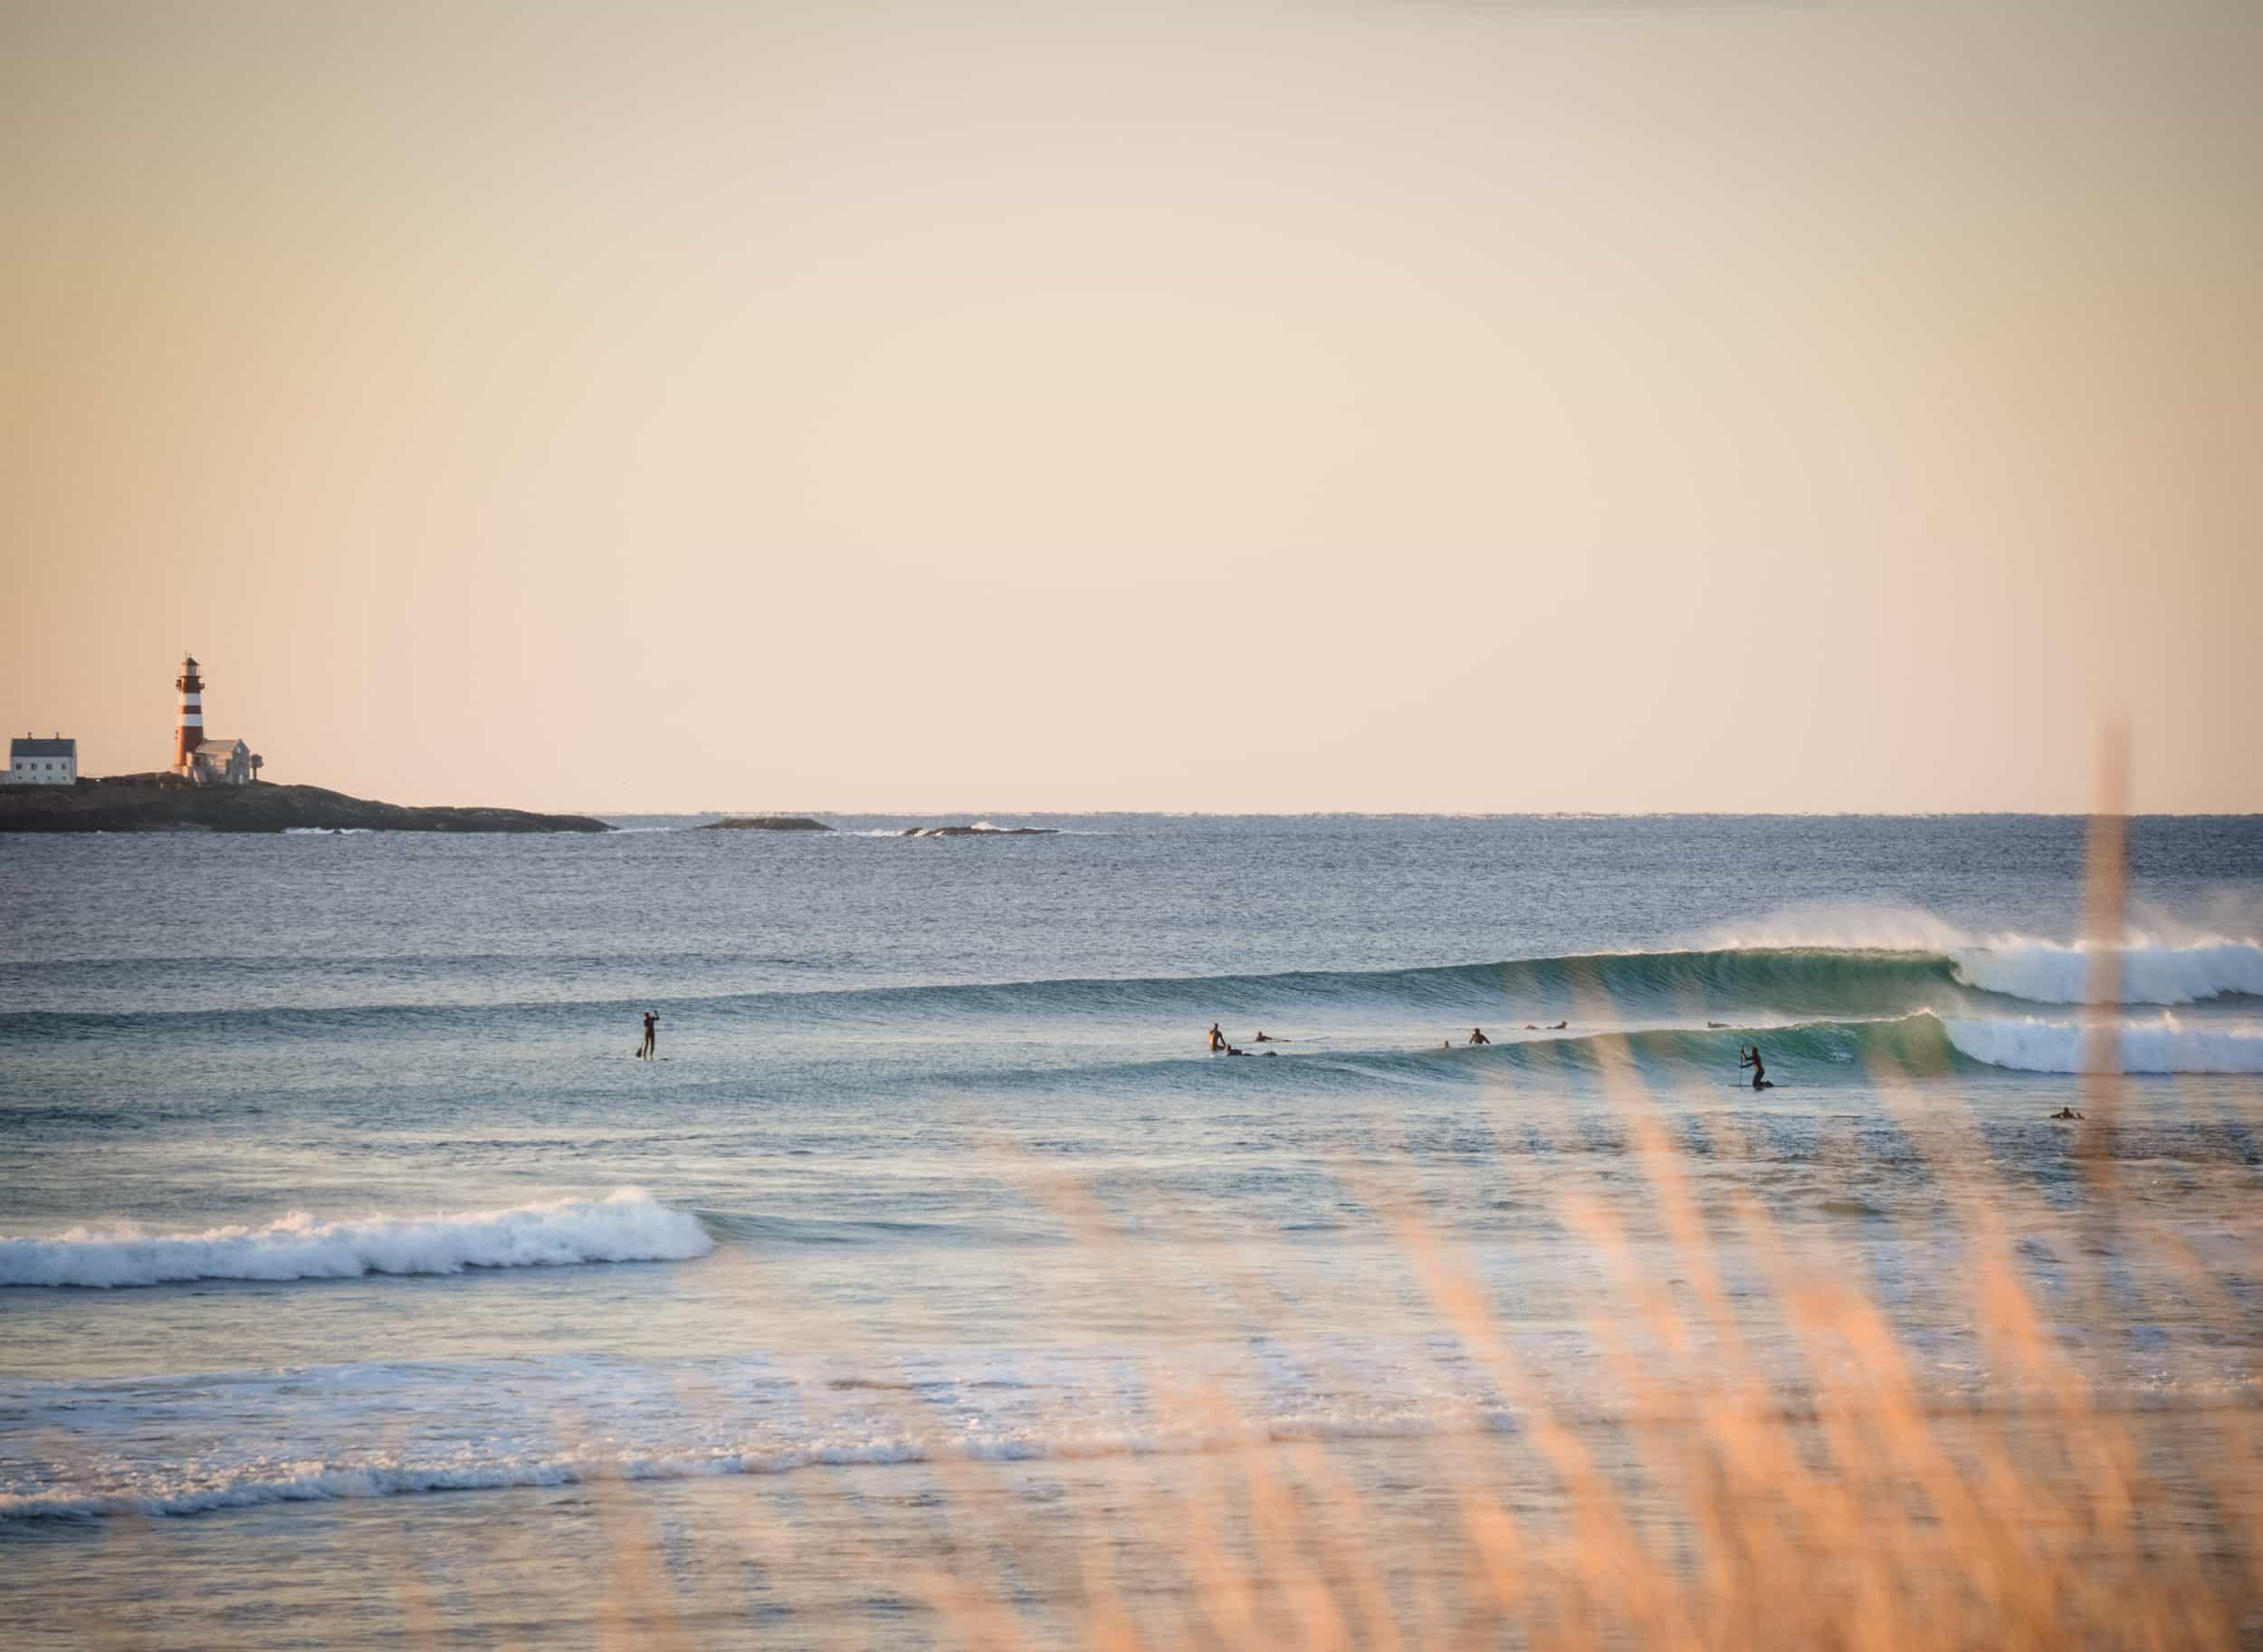 En smakebit av SurfNorge Photo Awards